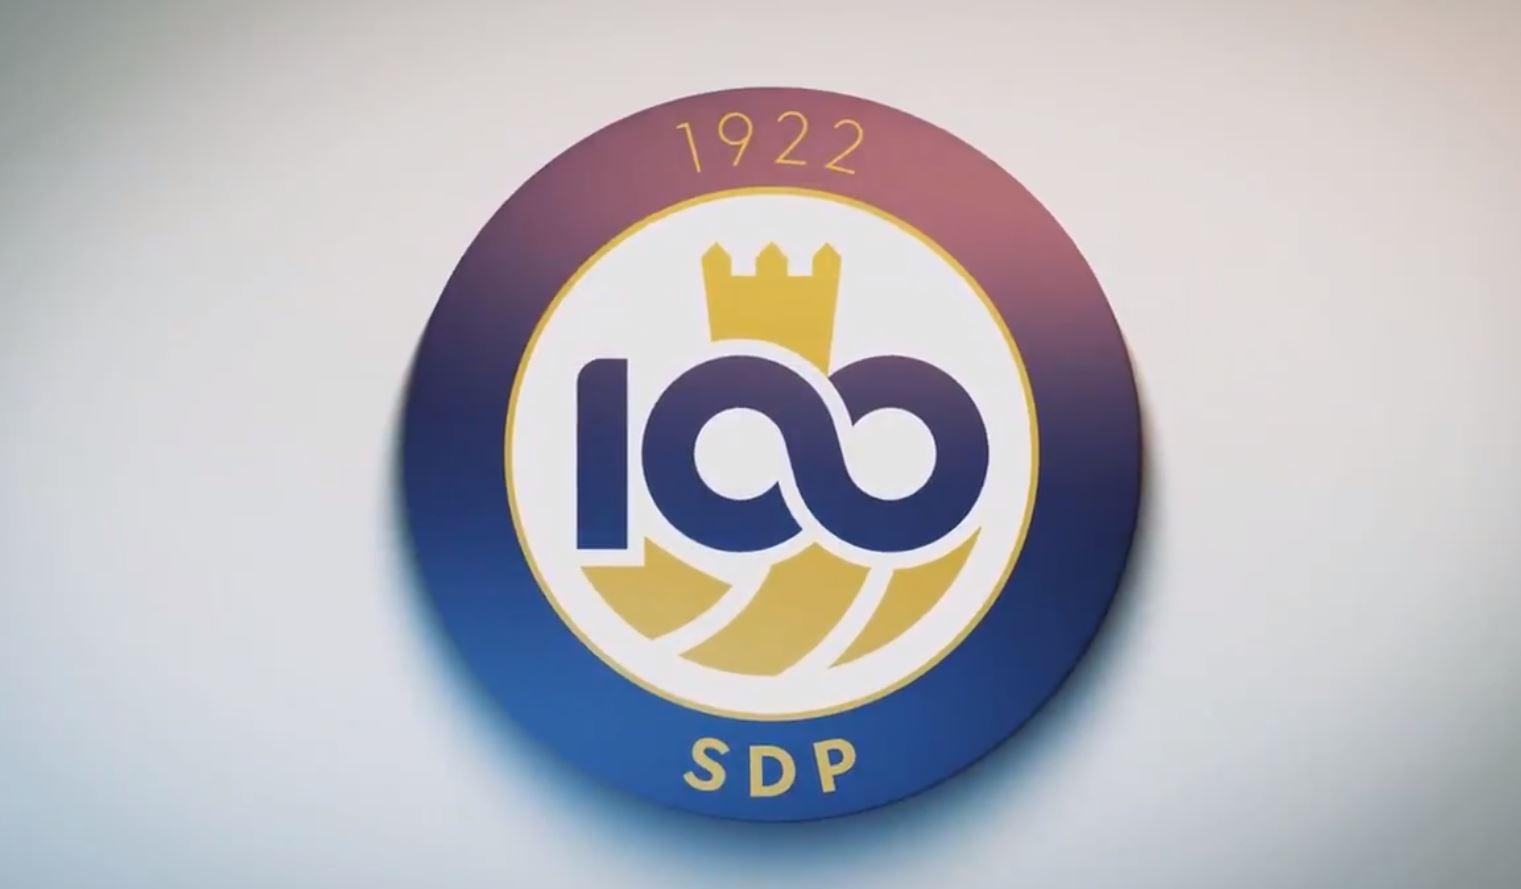 La Ponferradina presenta el símbolo que representará al club durante el centenario 1